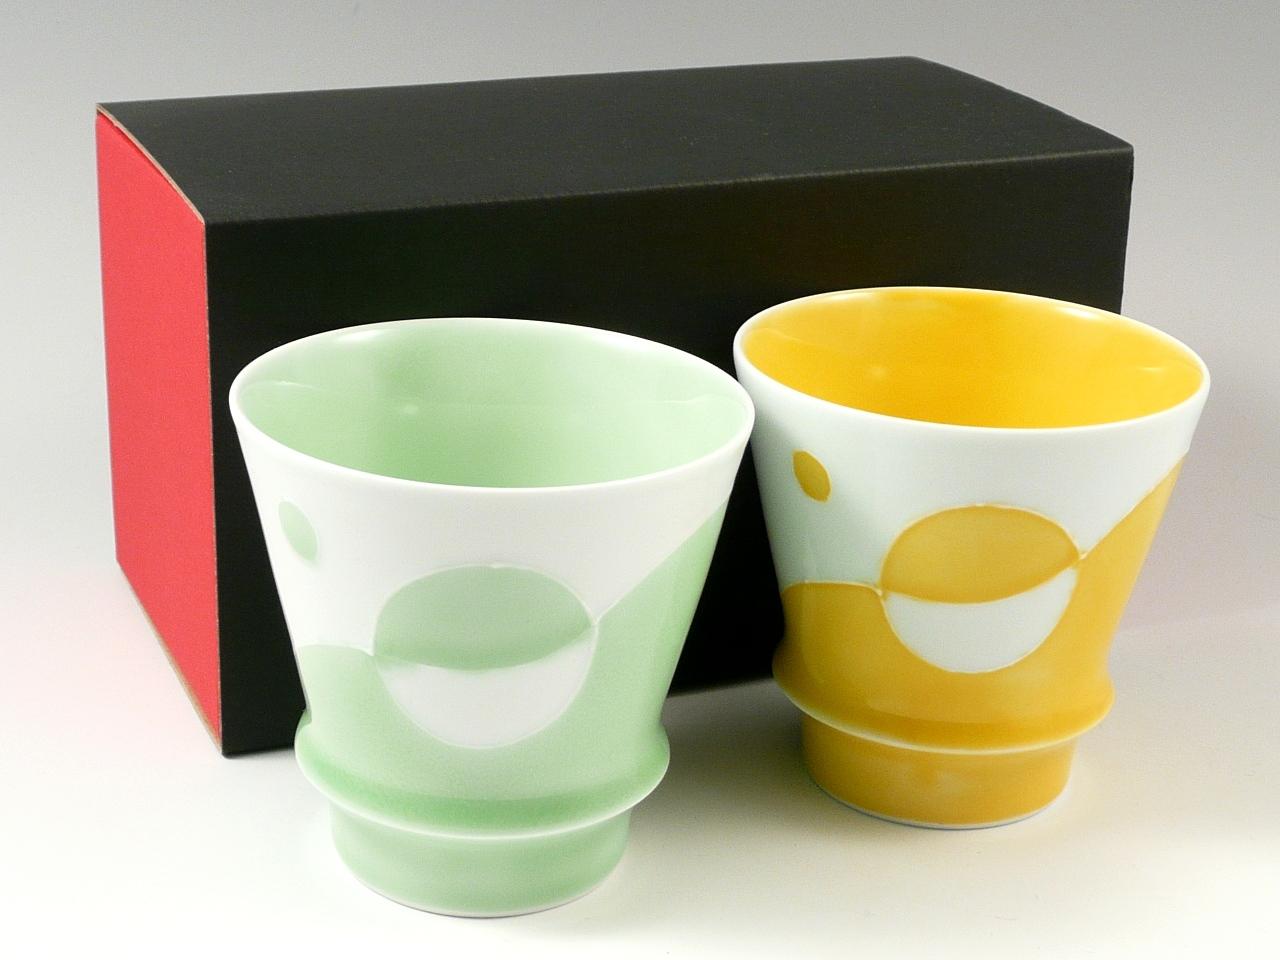 【有田焼 匠の蔵】 パンプキン(グリーン・イエロー) ペア至高の焼酎グラス<オリジナル>